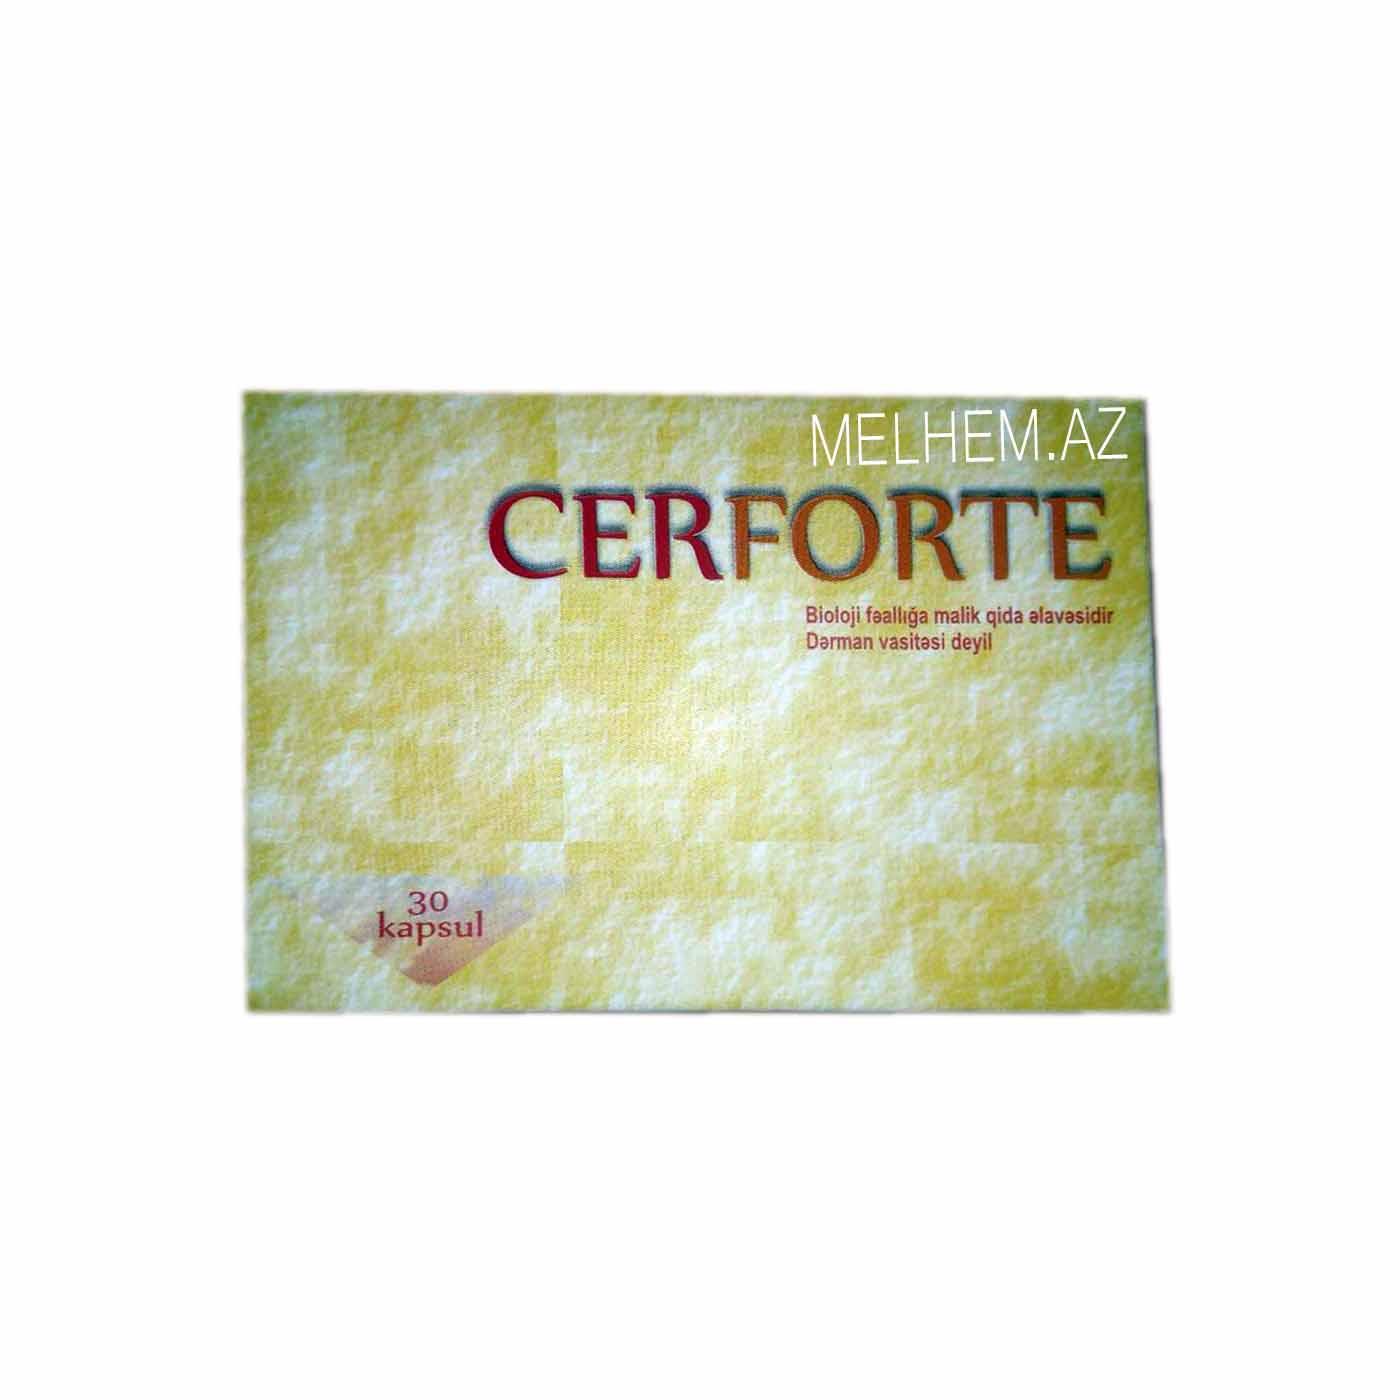 CEFORTE N30